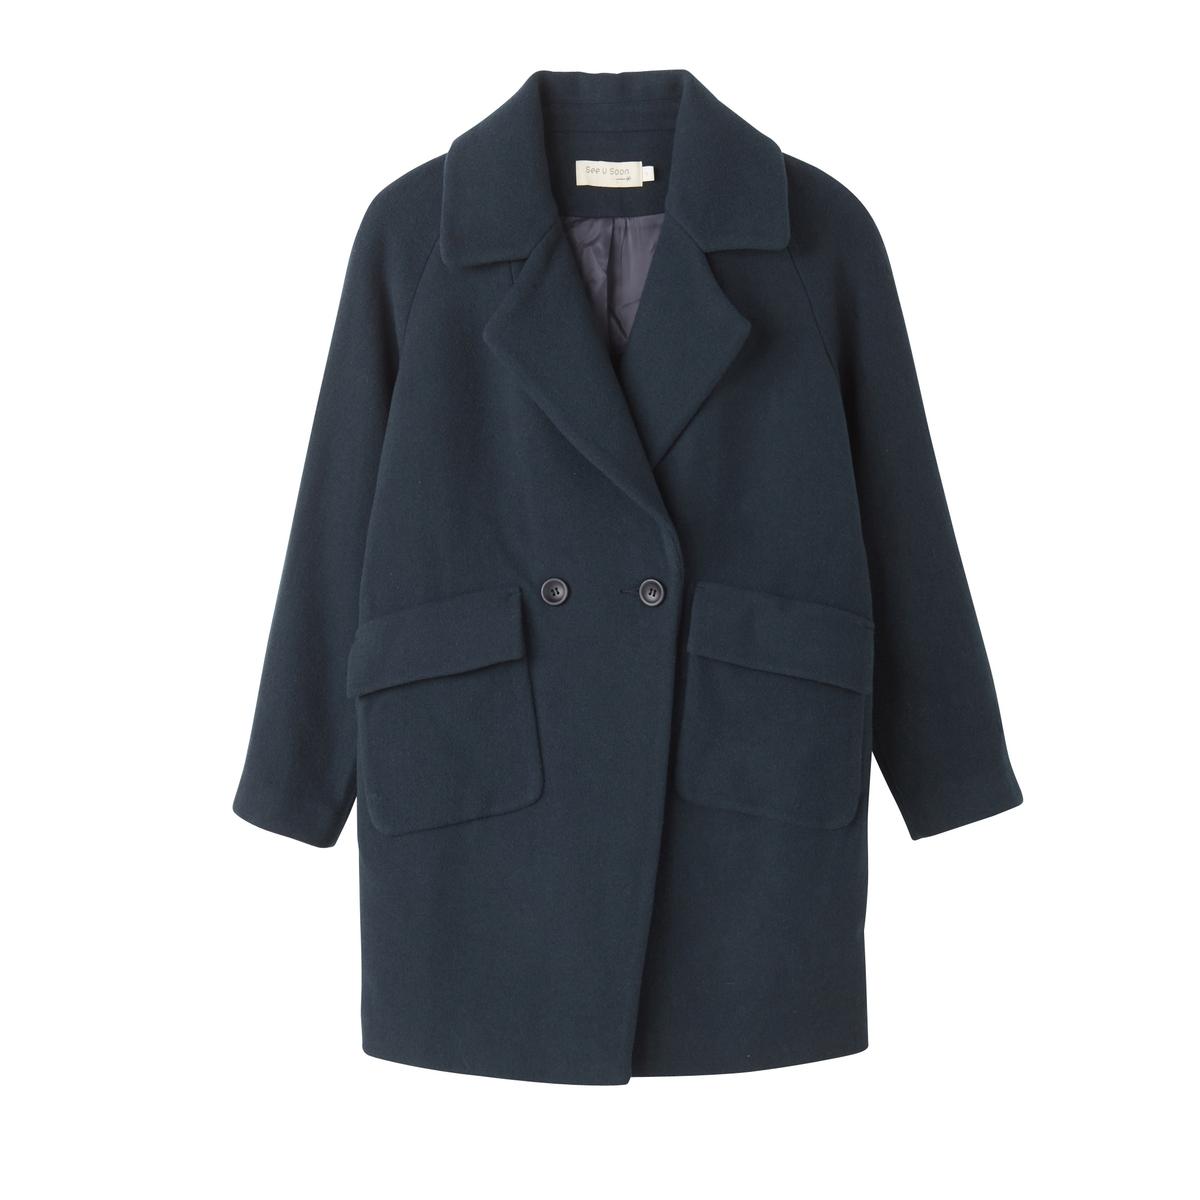 Пальто женское средней длины прямого покрояОписание:Пальто тщательно продуманного покроя из шерстяного драпа . Форма кэжуал и невероятно модный объемный покрой .Детали •  Длина : средняя •  Воротник-поло, рубашечный  • Застежка на пуговицыСостав и уход •  50% шерсти, 50% полиэстера •  Следуйте рекомендациям по уходу, указанным на этикетке изделия<br><br>Цвет: синий<br>Размер: M